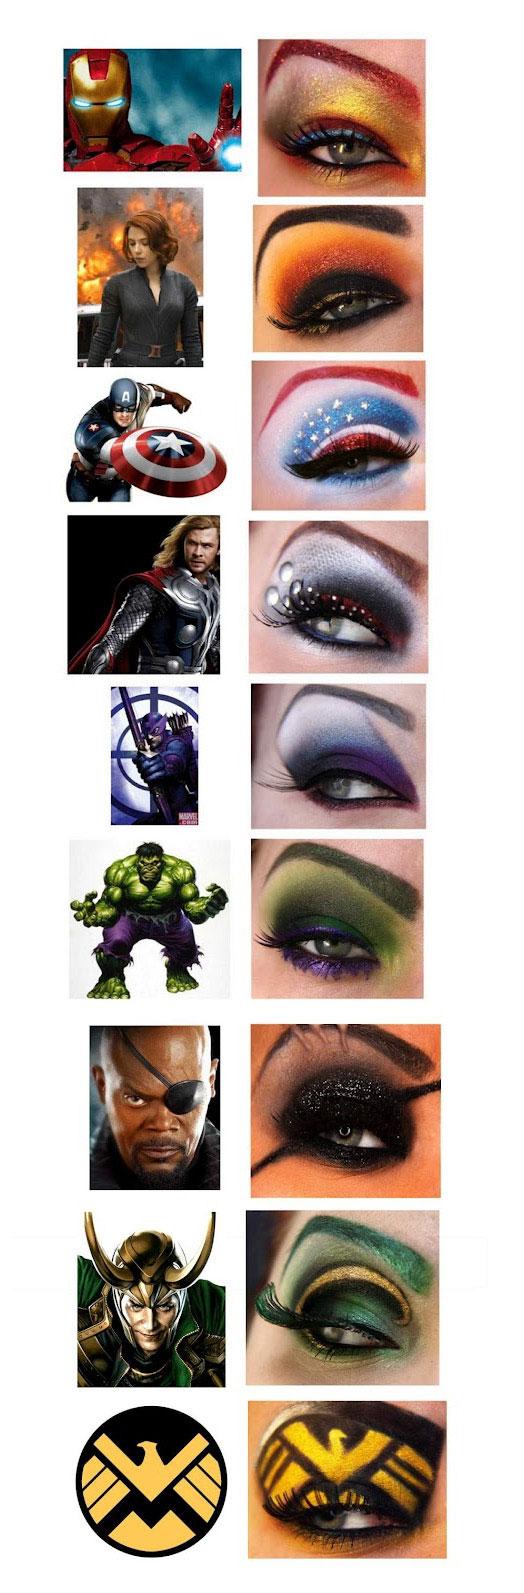 Μακιγιάζ ματιών εμπνευσμένα από την ταινία «The Avengers»